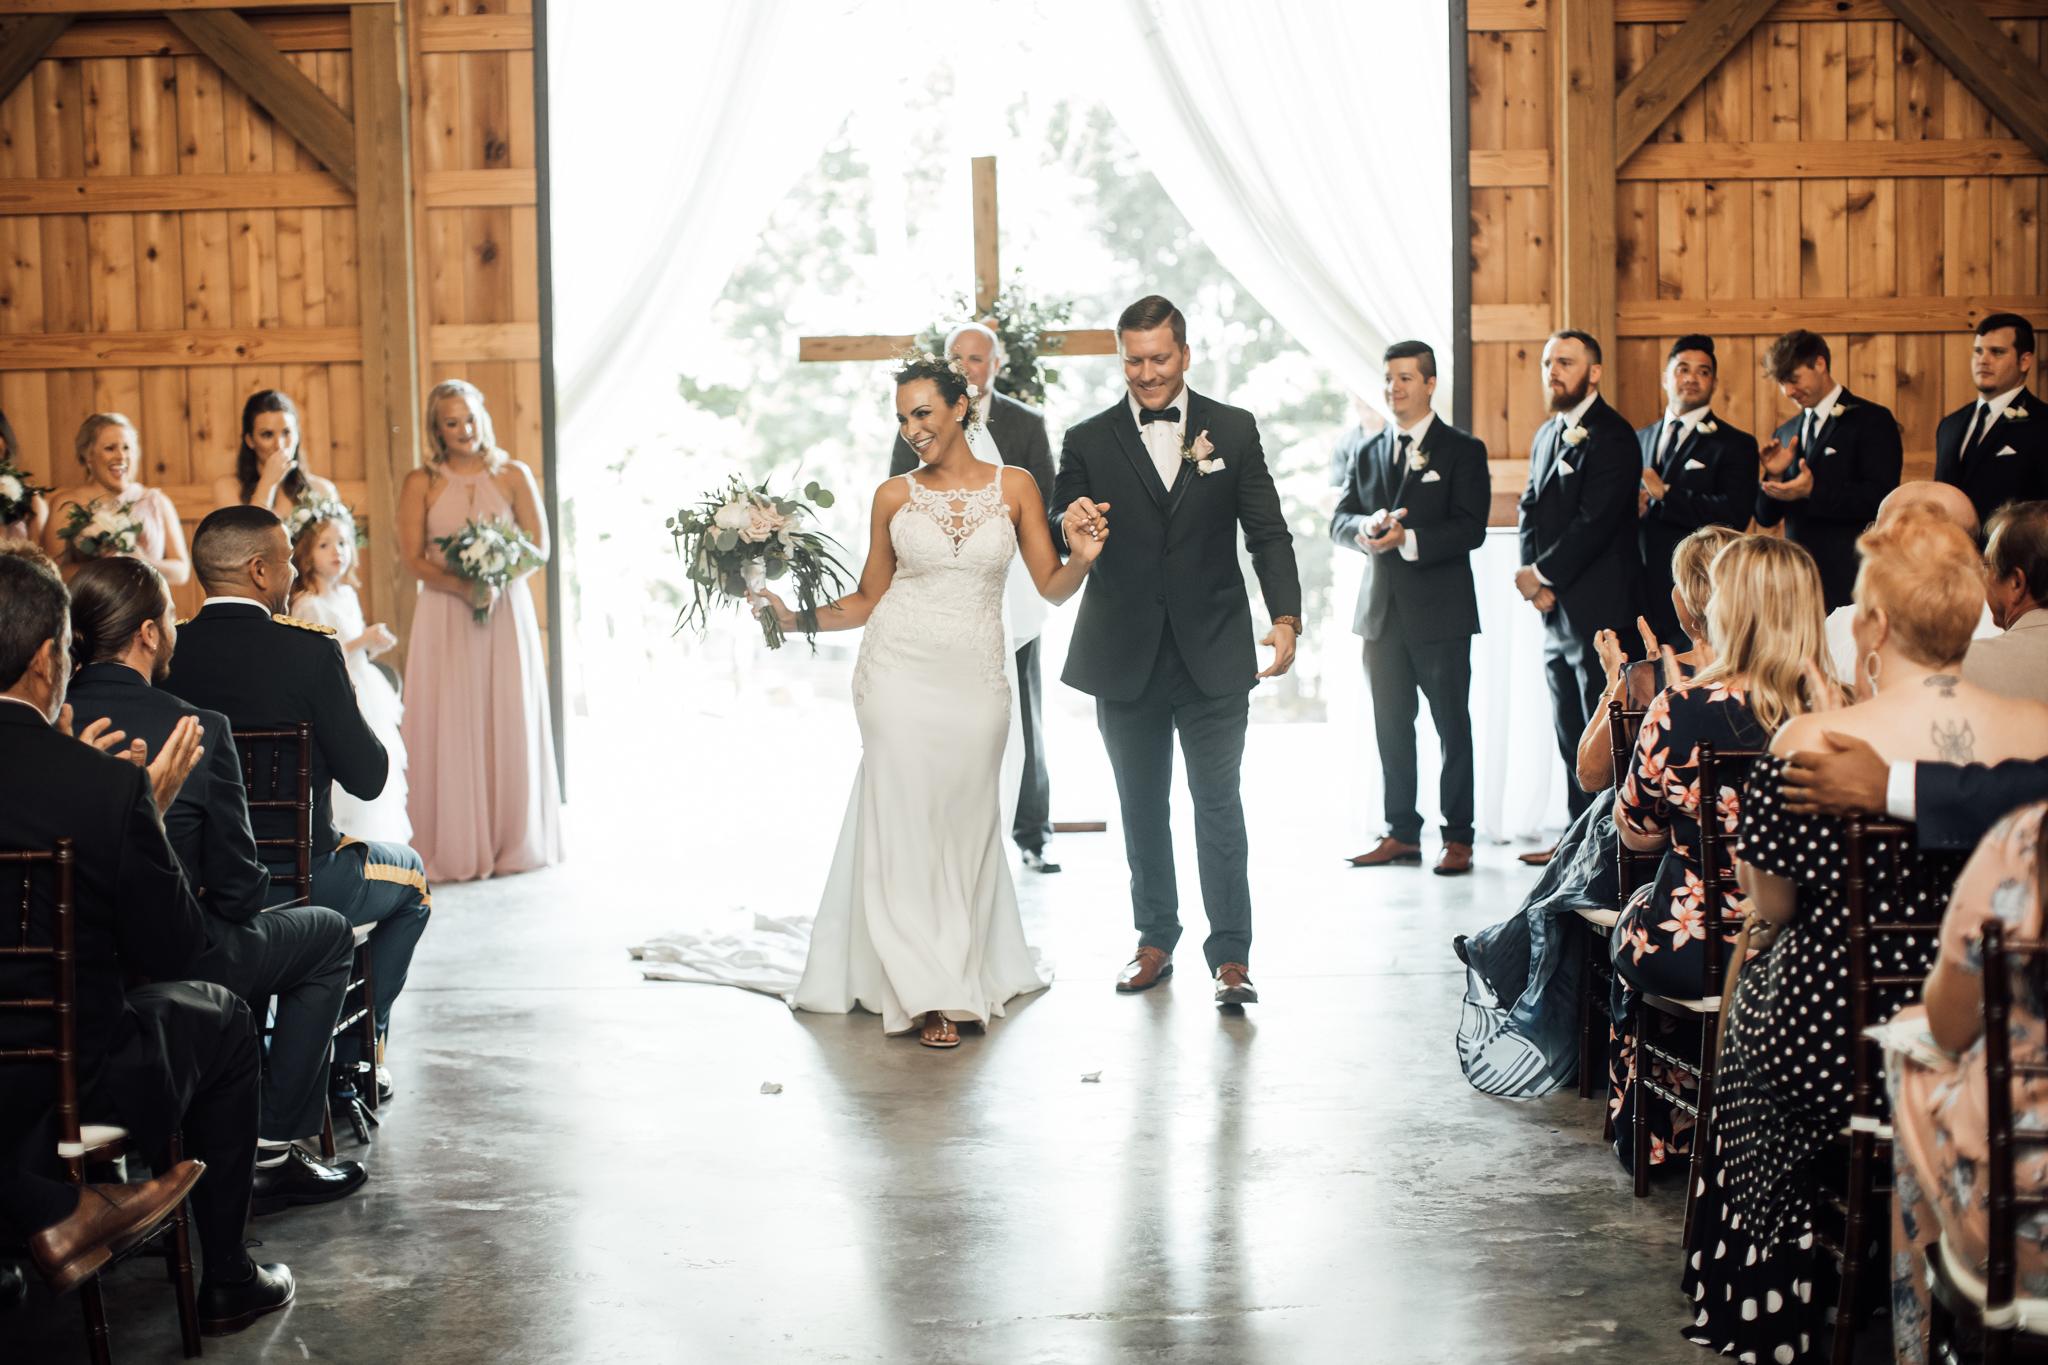 saddlewoodsfarms-nashville-wedding-photographer-thewarmtharoundyou-rustic-wedding (43 of 251).jpg